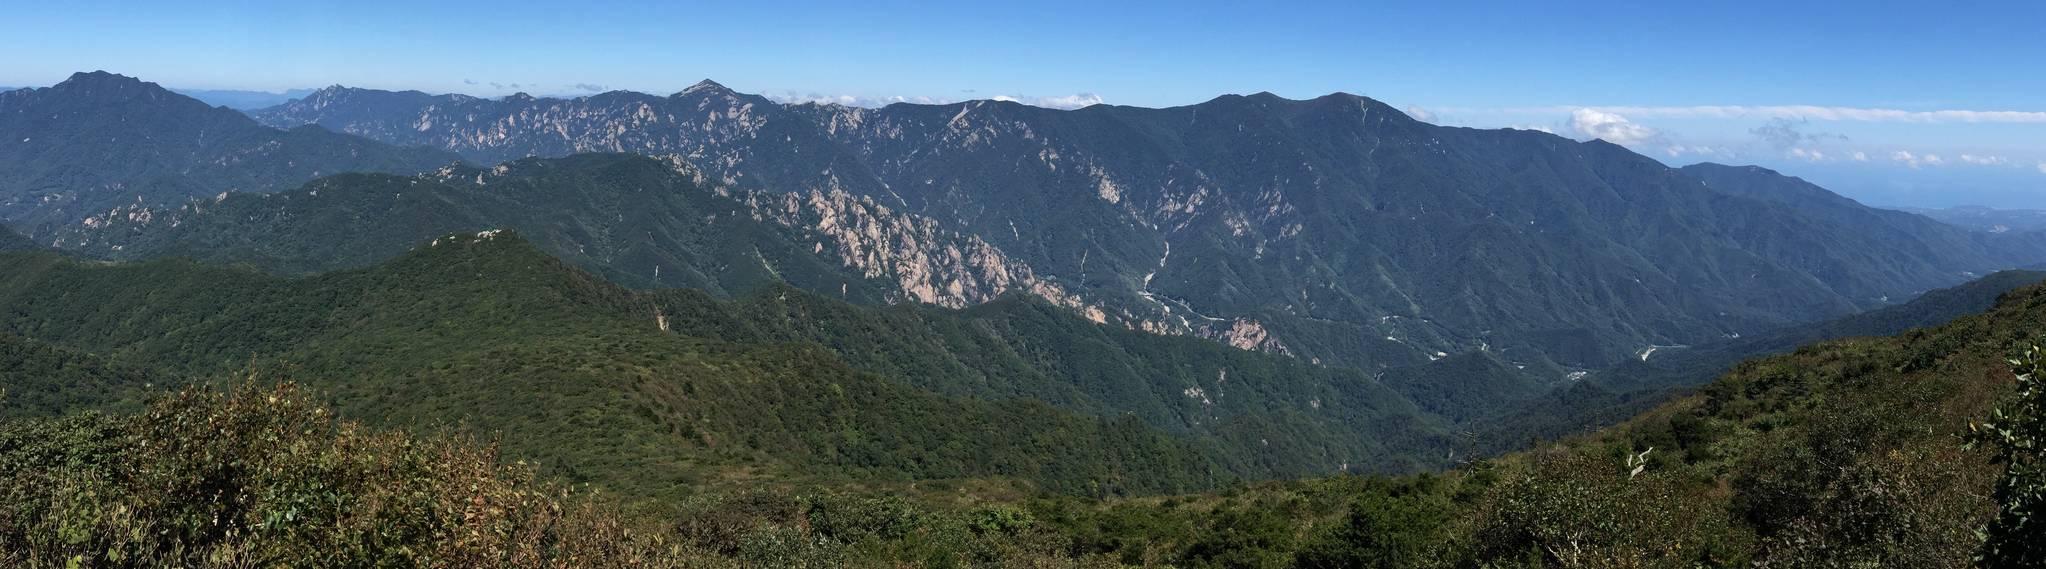 도로·묘지·광산에 1600개 상처 안은 백두대간 정맥